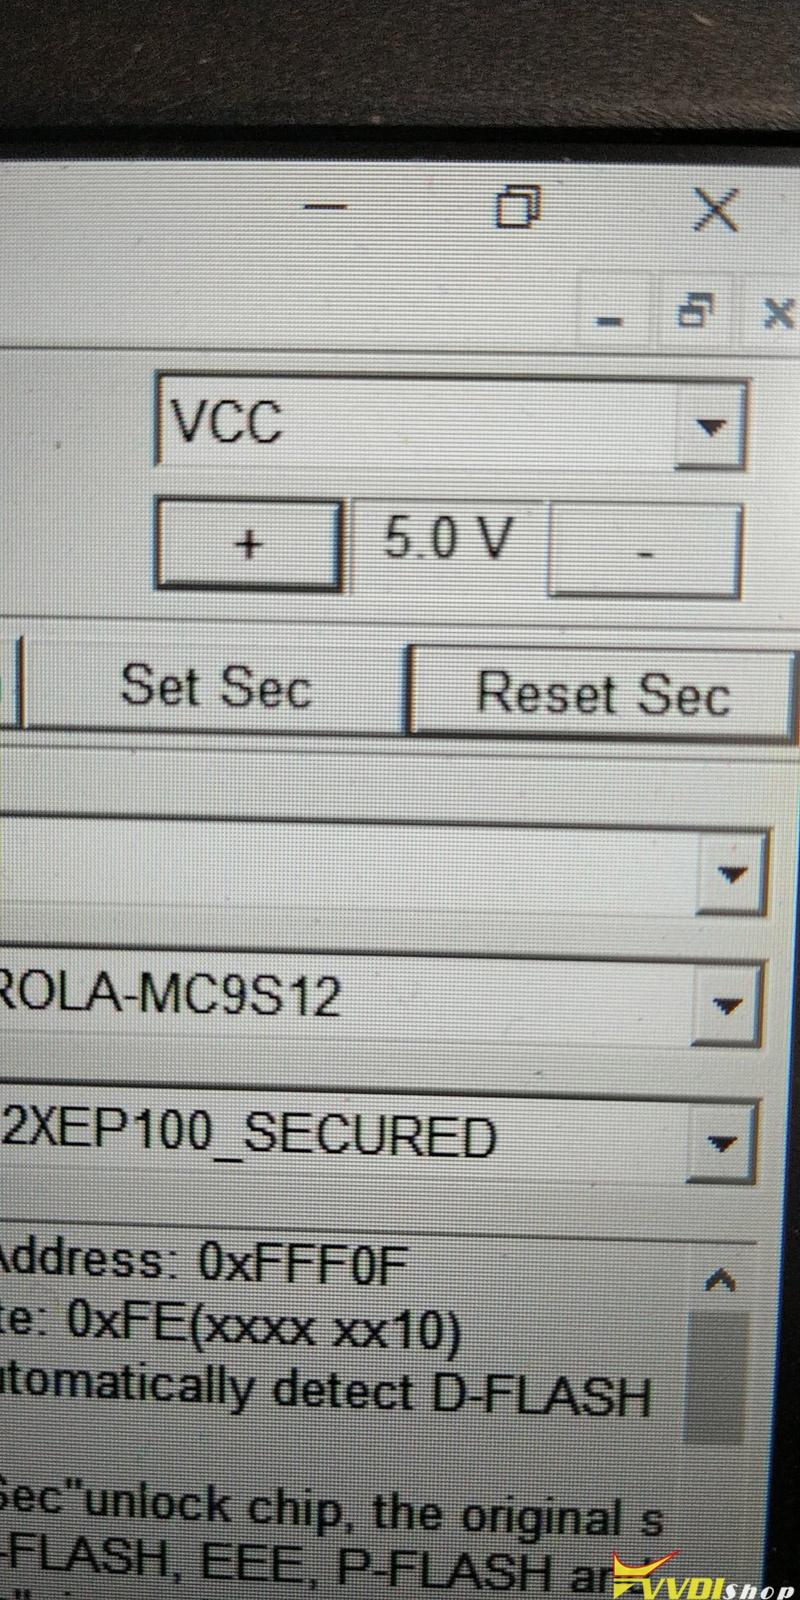 Xhorse Vvdi Prog Mc9s12xep100 13